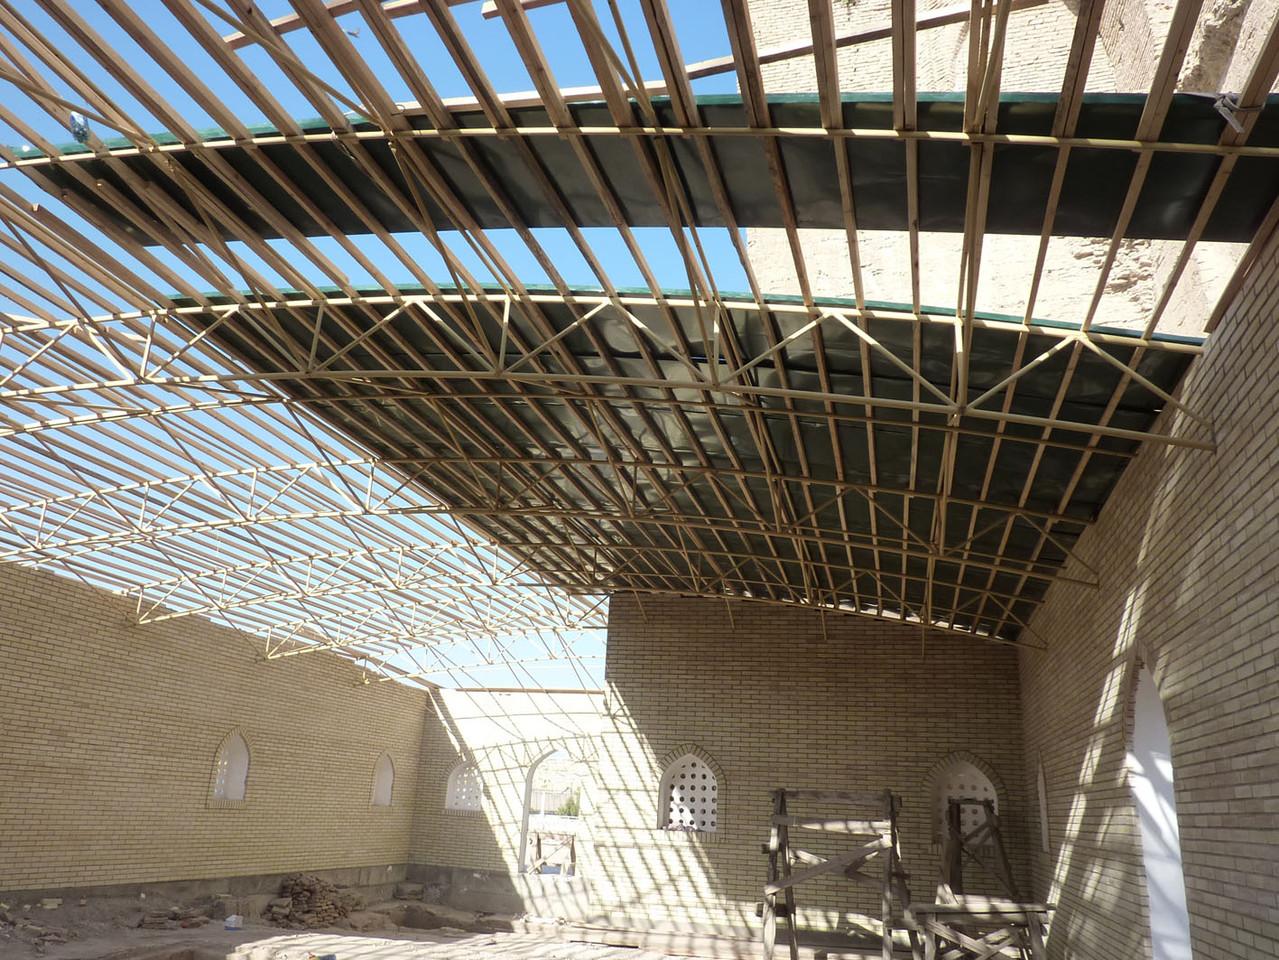 Un bardage de bois a été posé puis couvert de tôles de métal ondulé (Socra, 2012)